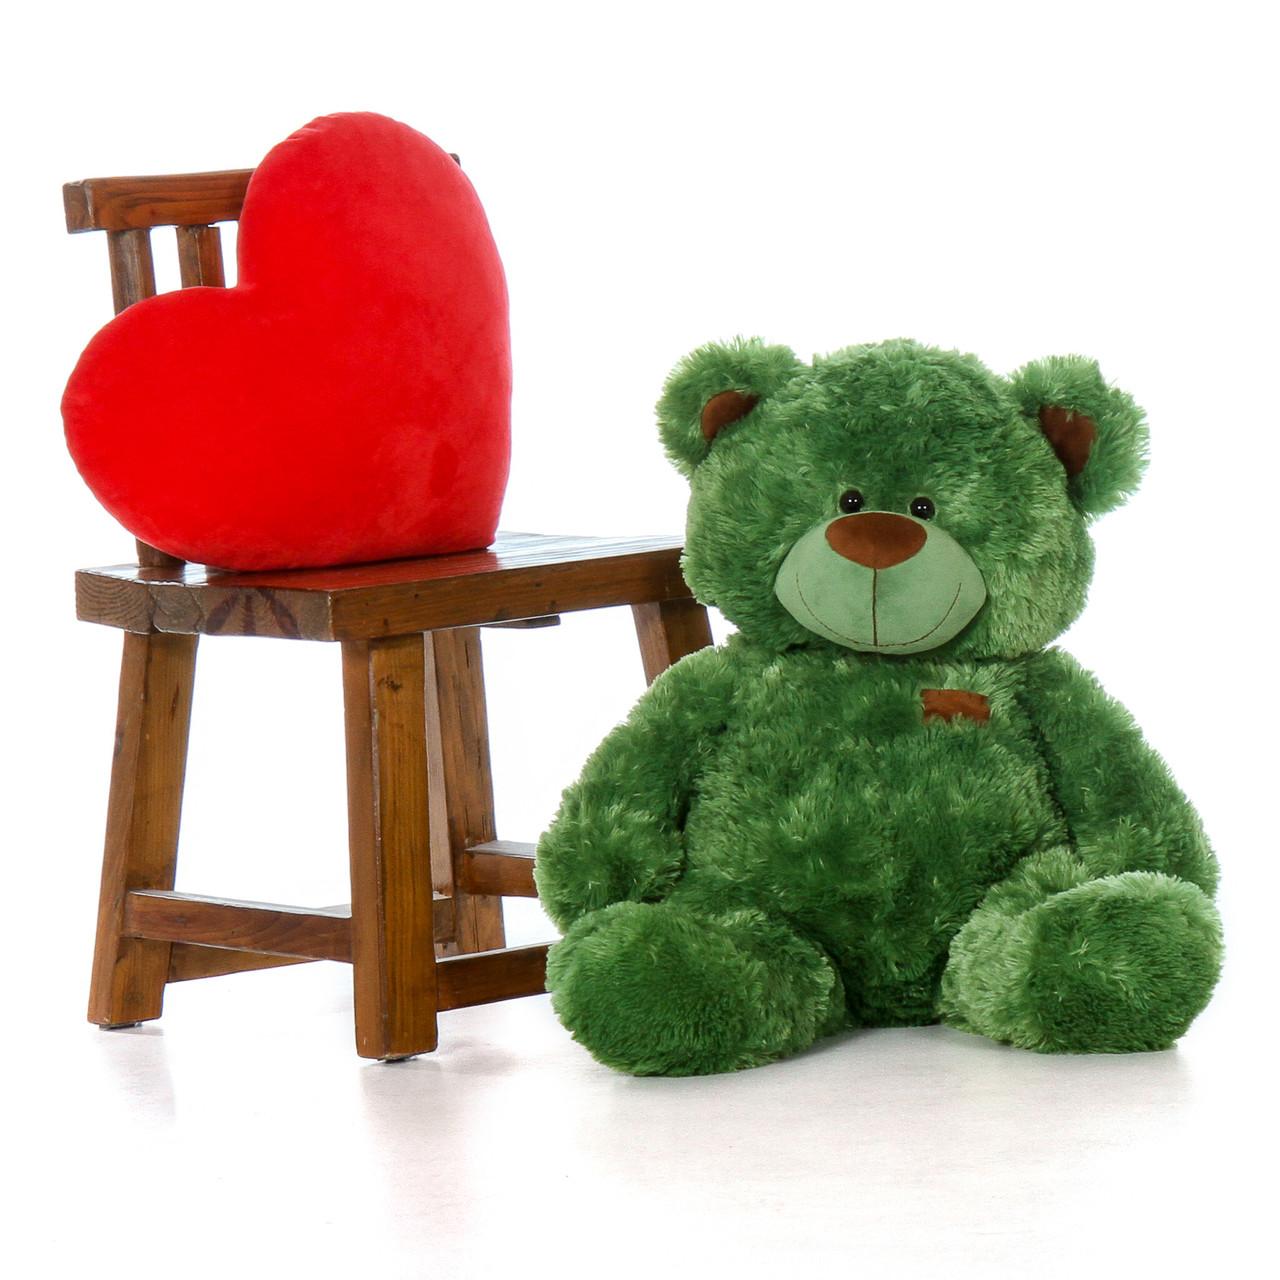 Big Green Teddy Bear in Sitting Position